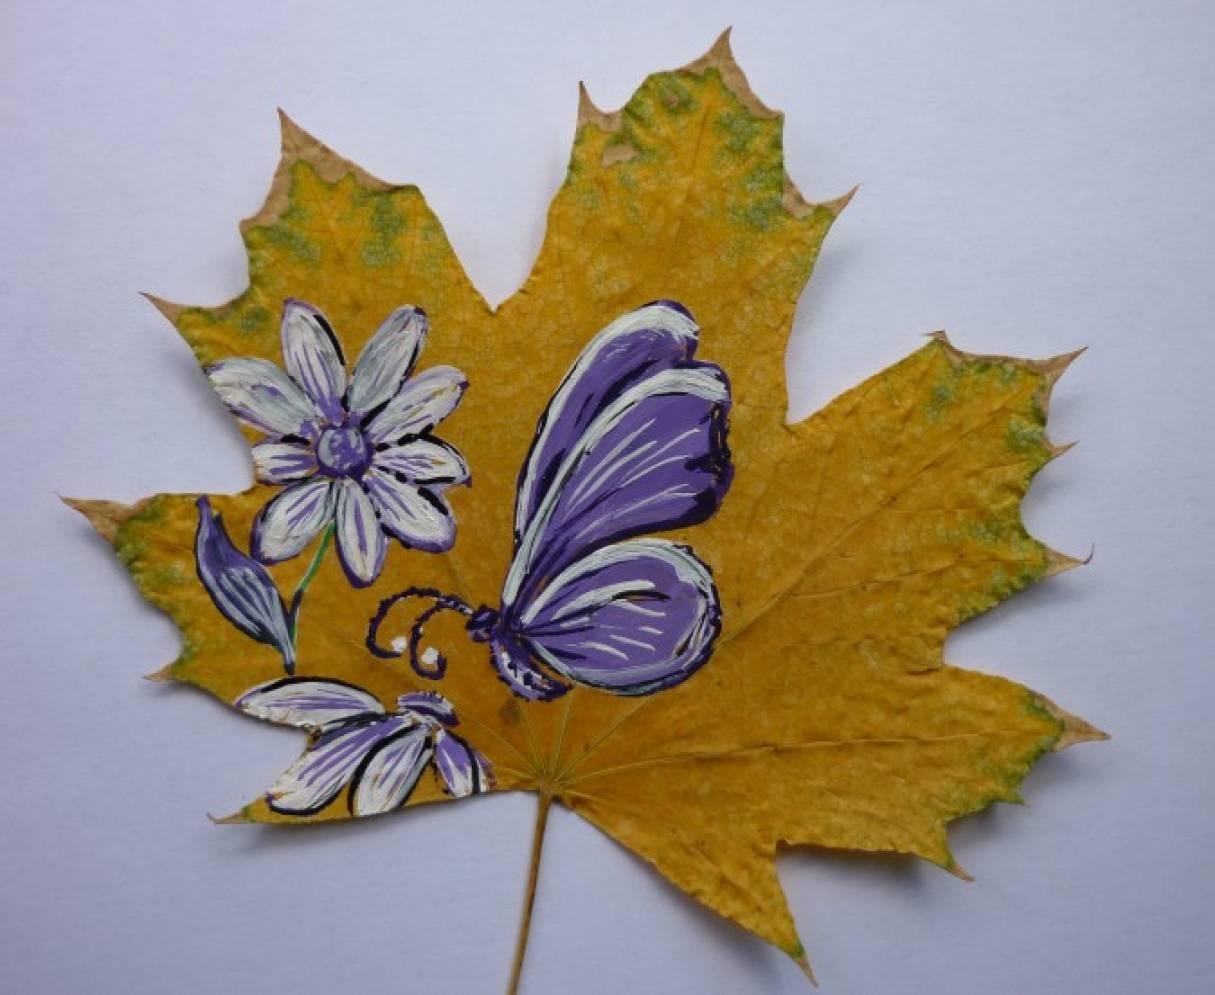 рисунки на листьях клена картинки считается